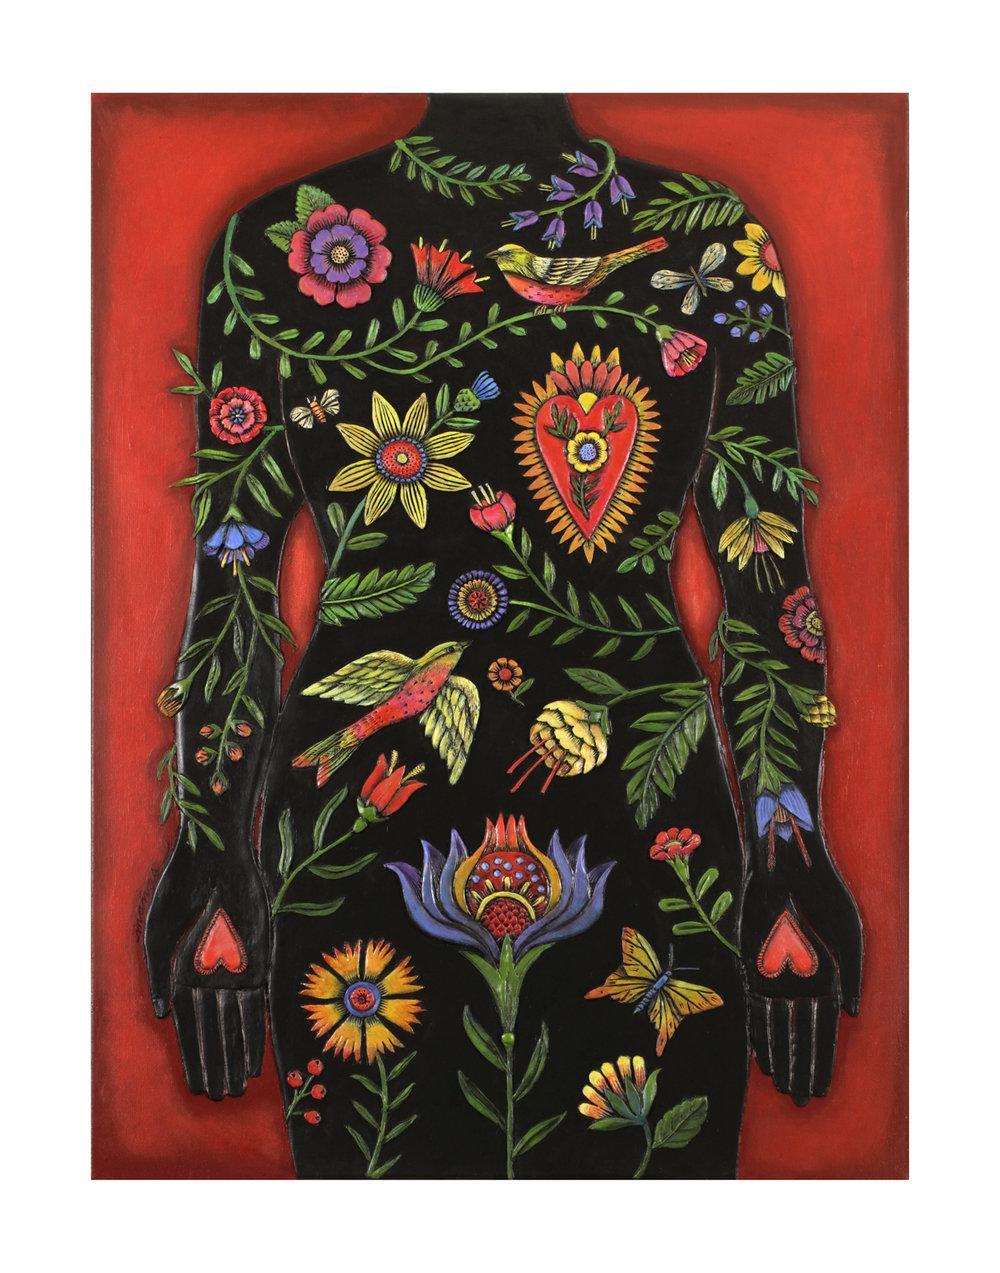 dea73b570a6 Garden of Eden Giclée Print — Rogene Manas Mixed Media Artist